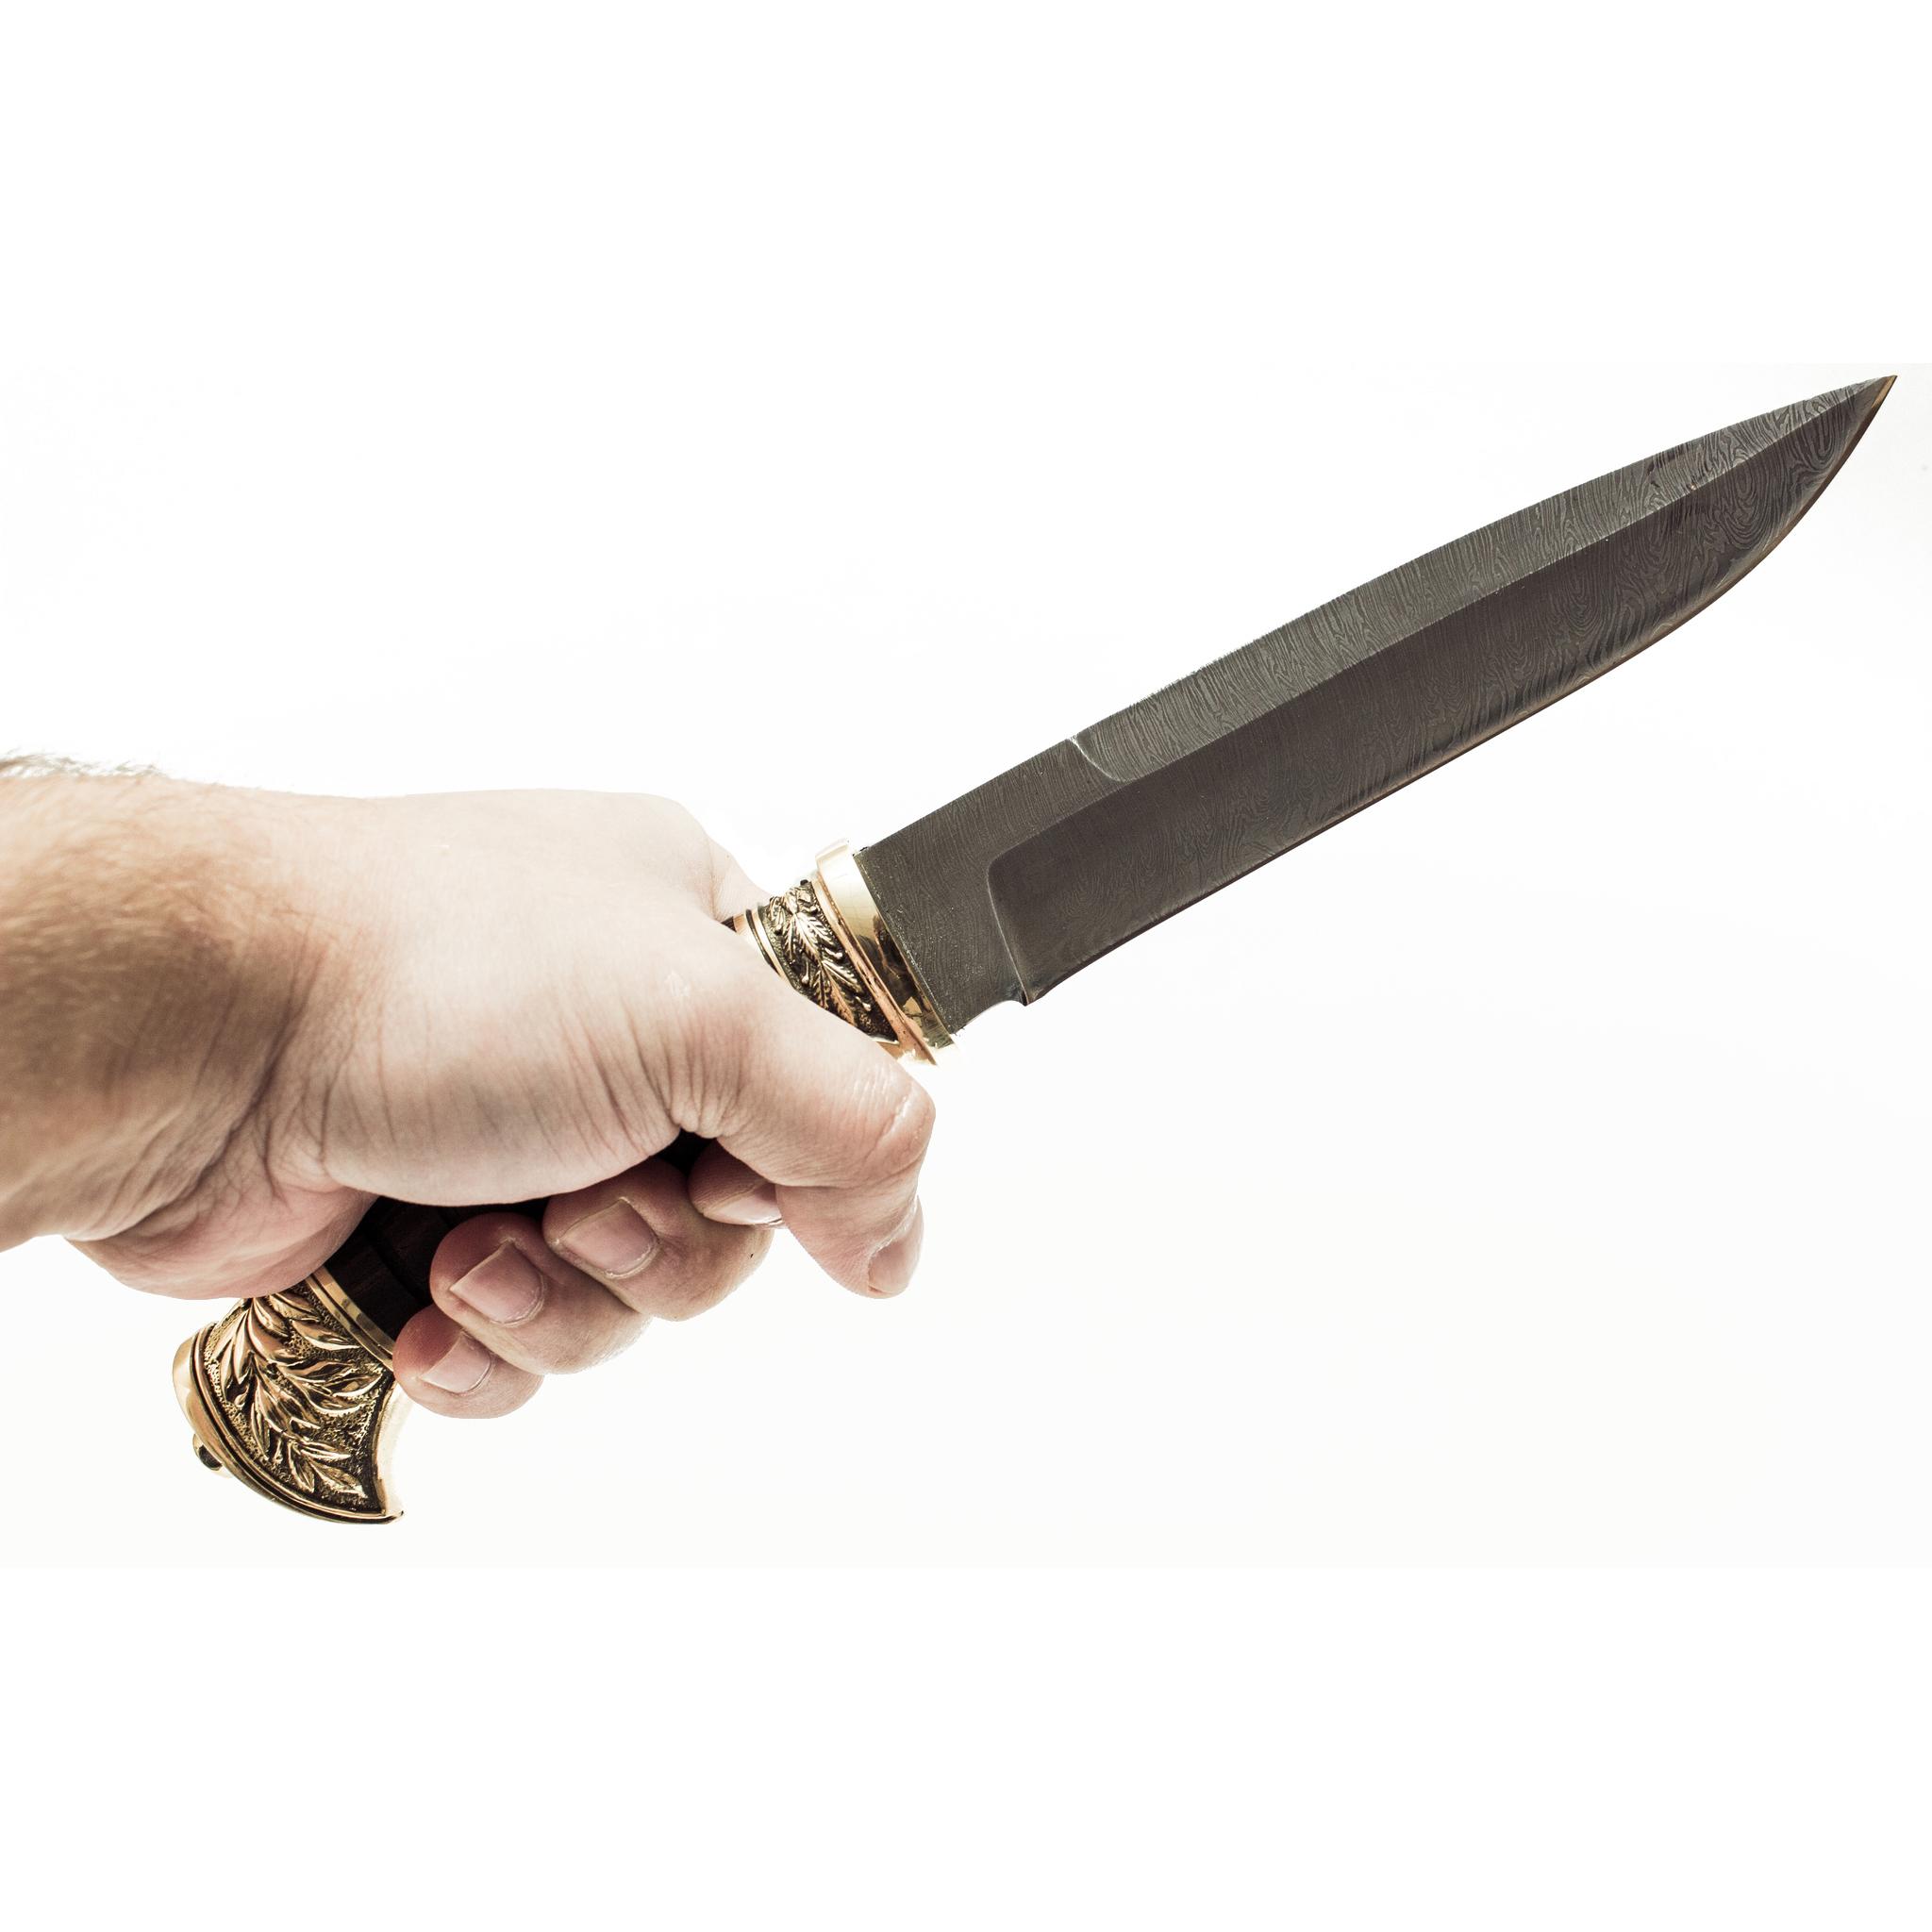 Фото 4 - Нож Витязь, дамаск от Фабрика Баринова